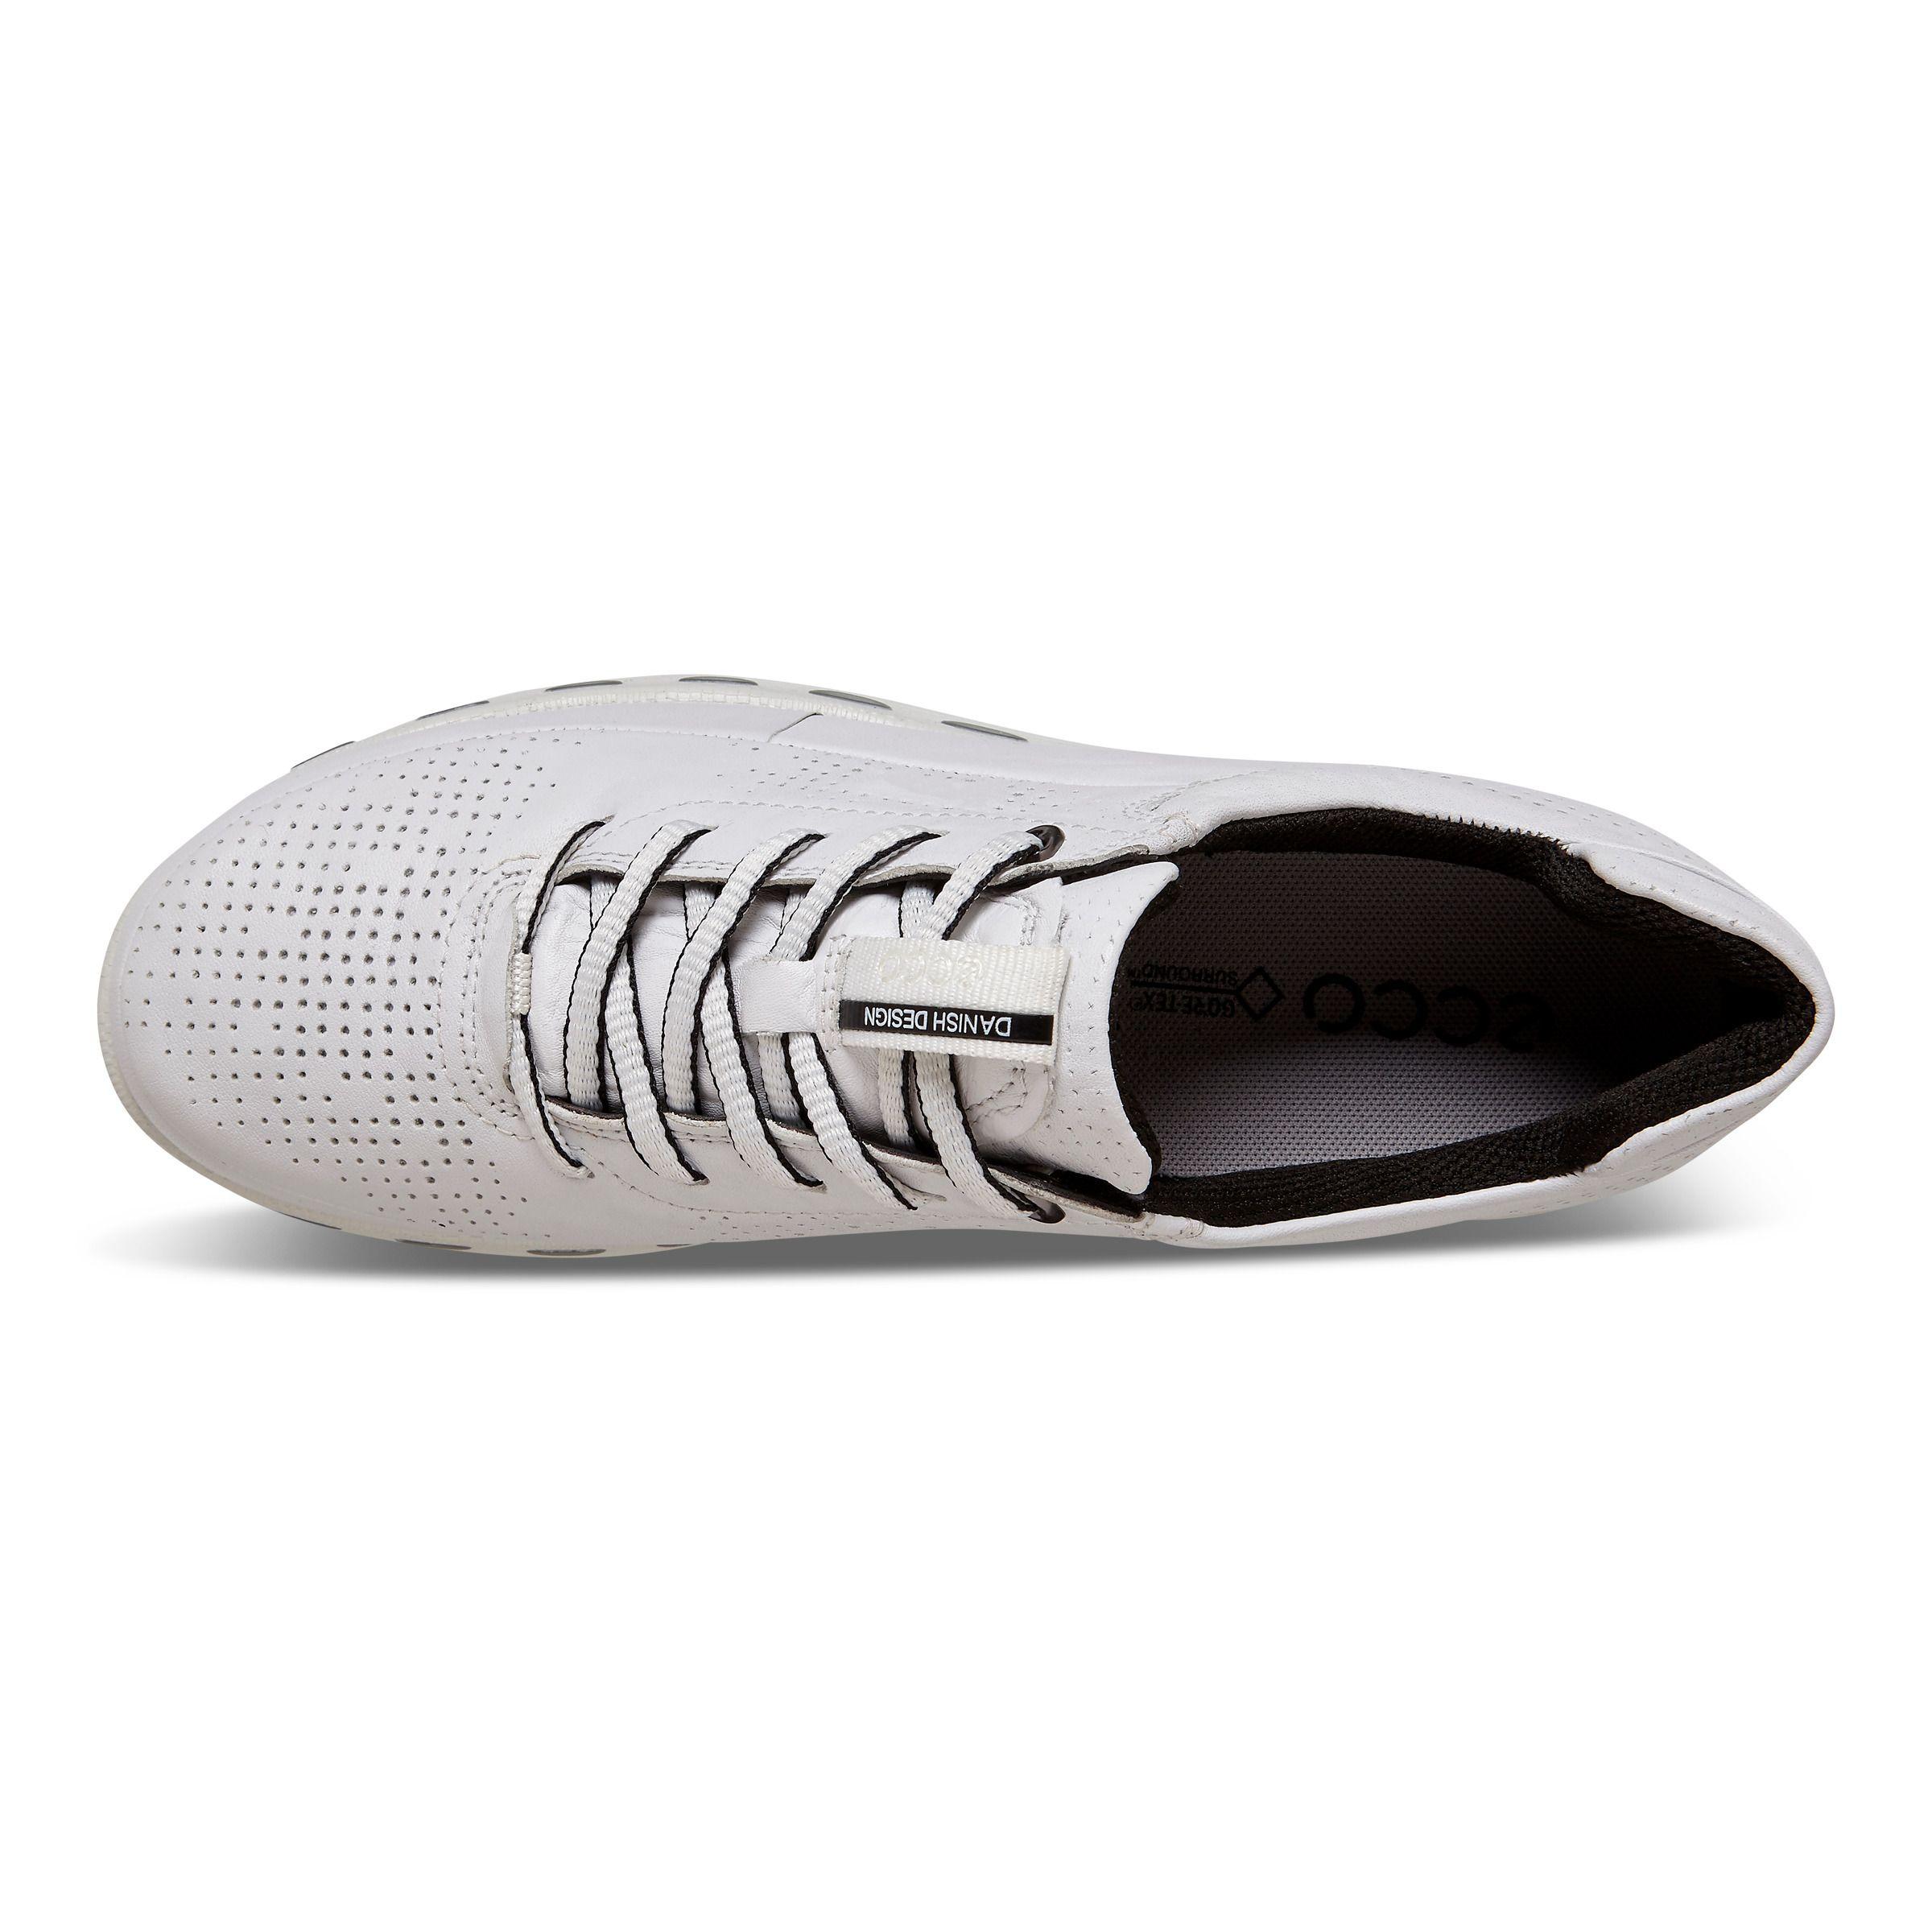 Ecco Damen Cool 2.0 Sneaker Sneaker